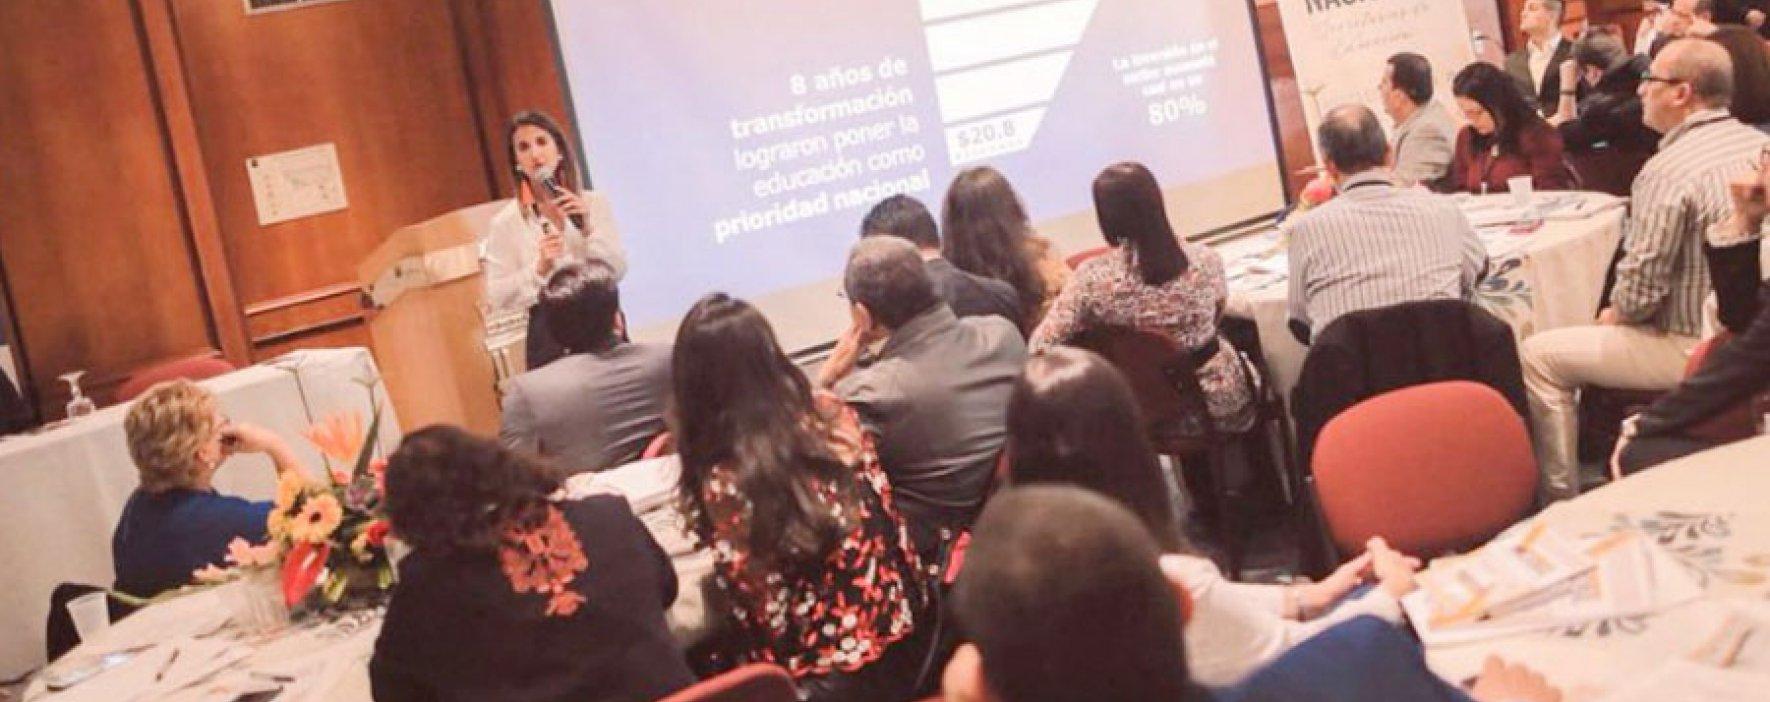 Premio Compartir recibe reconocimiento en Encuentro de Secretarios de Educación